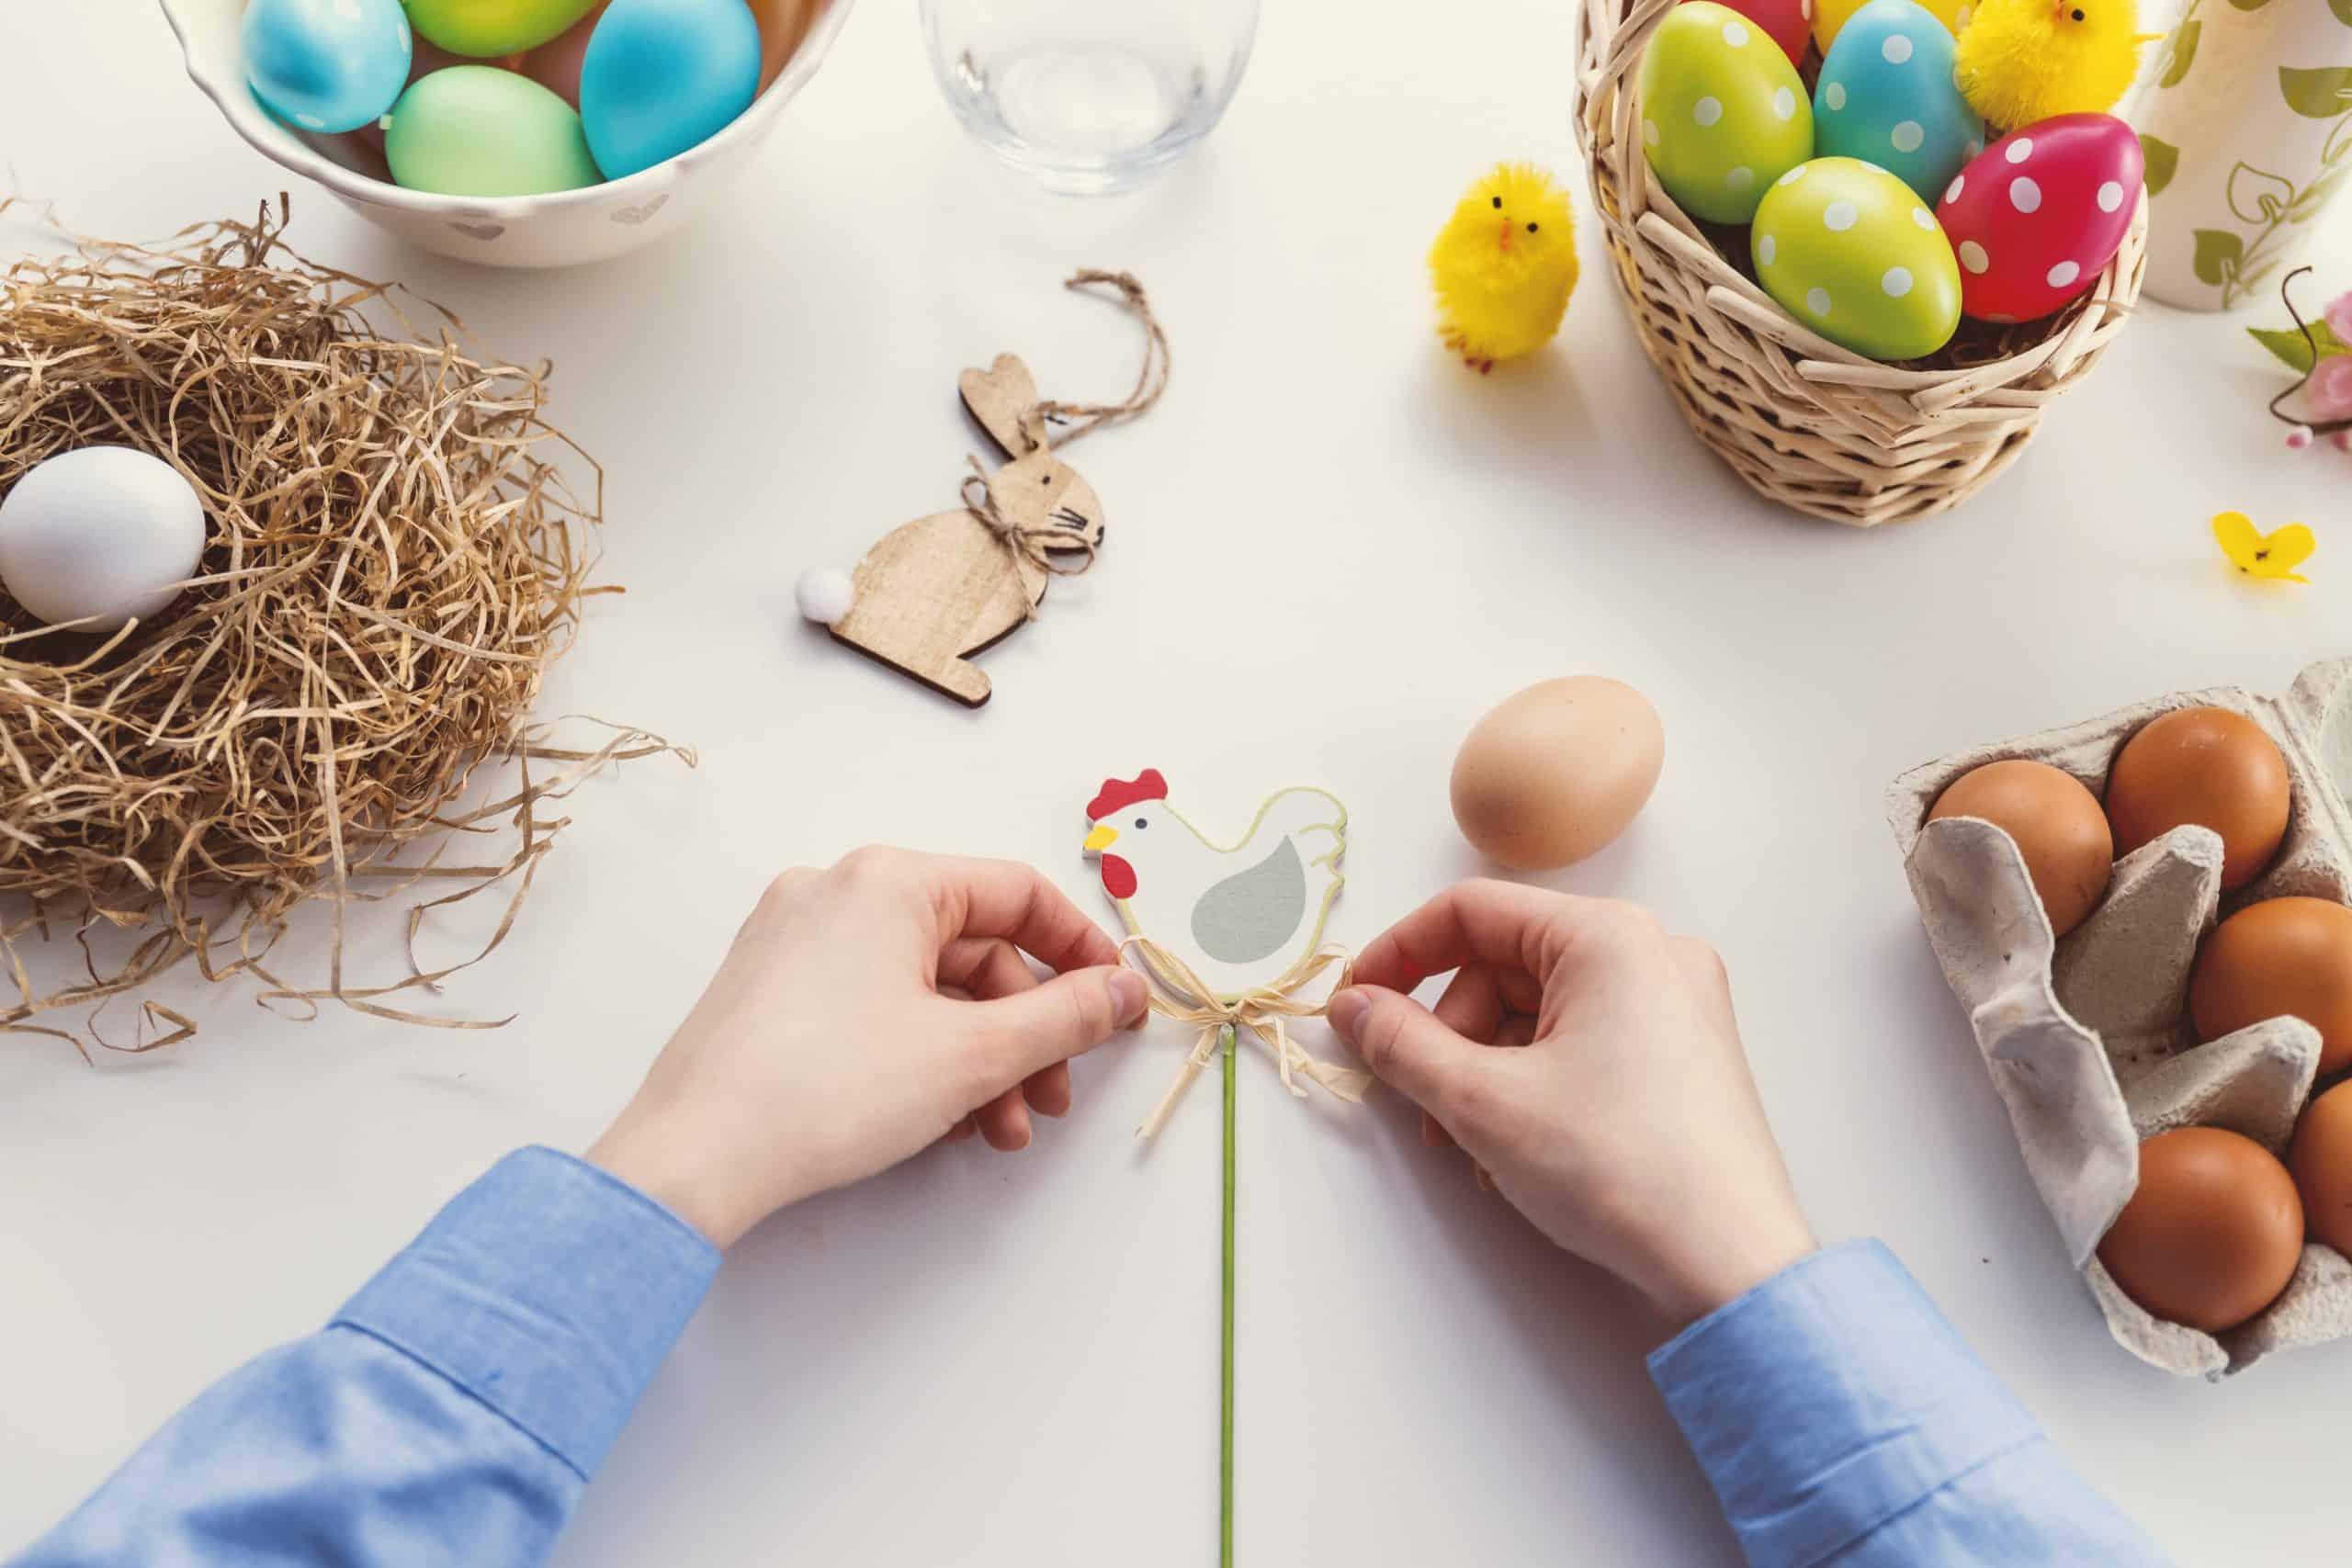 Préparation des cadeaux de Pâques avec des chocolats et des poules